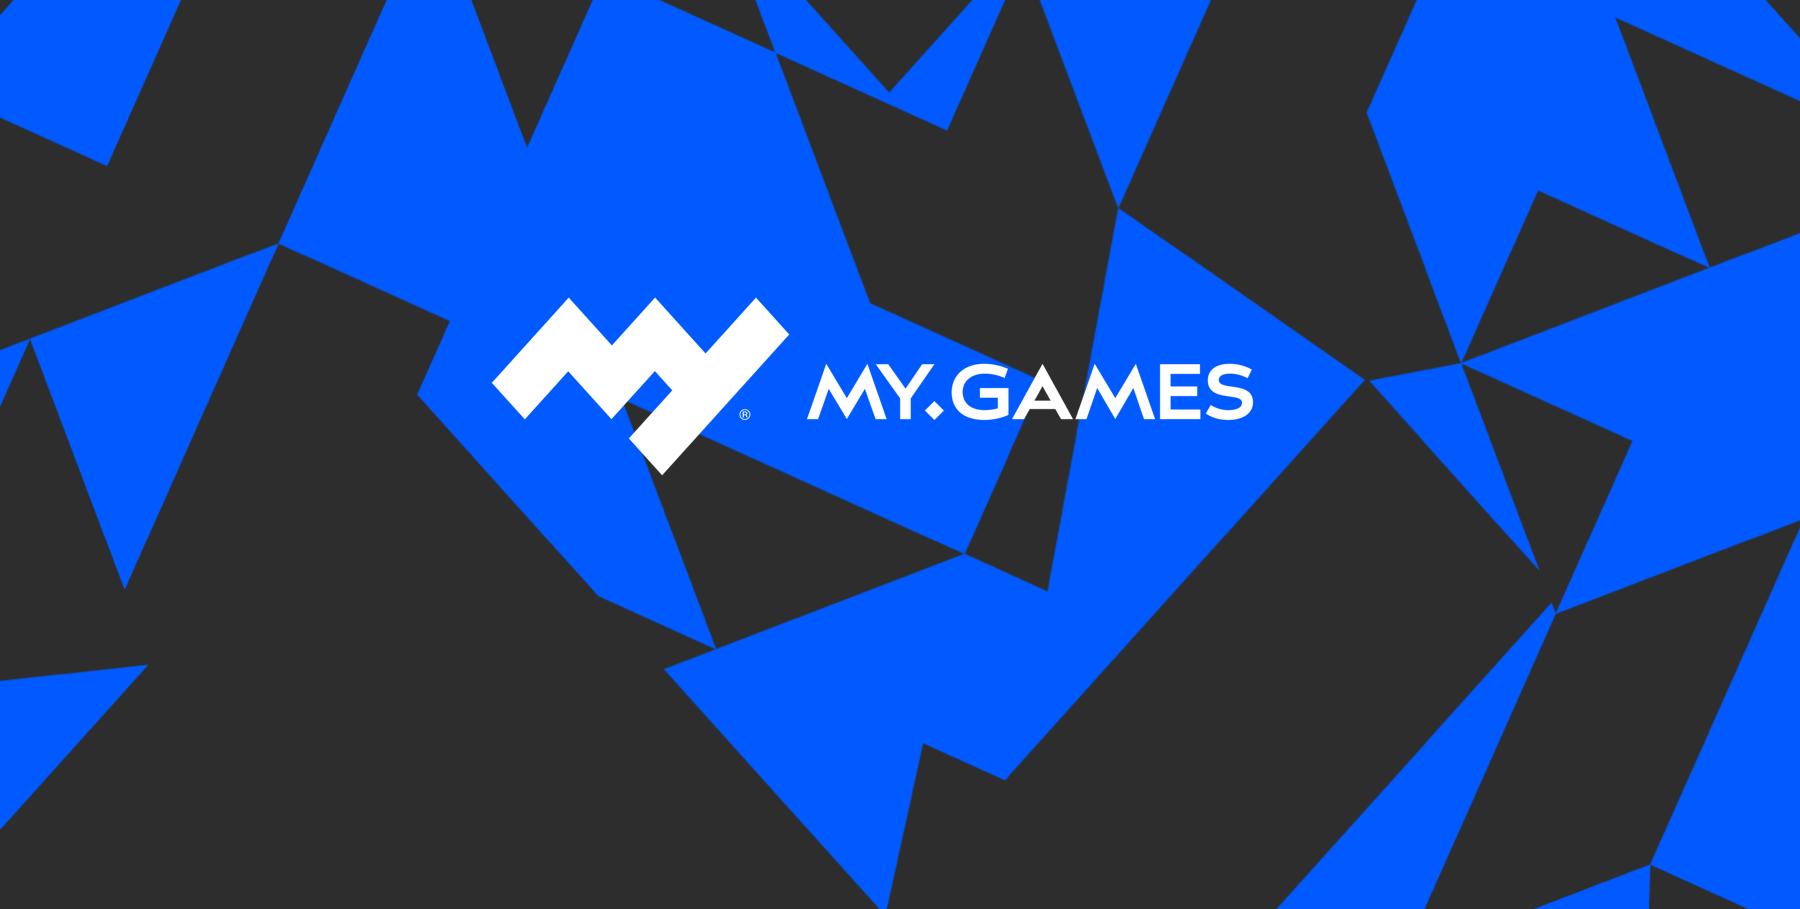 MY.GAMES инвестирует в Reaction Games